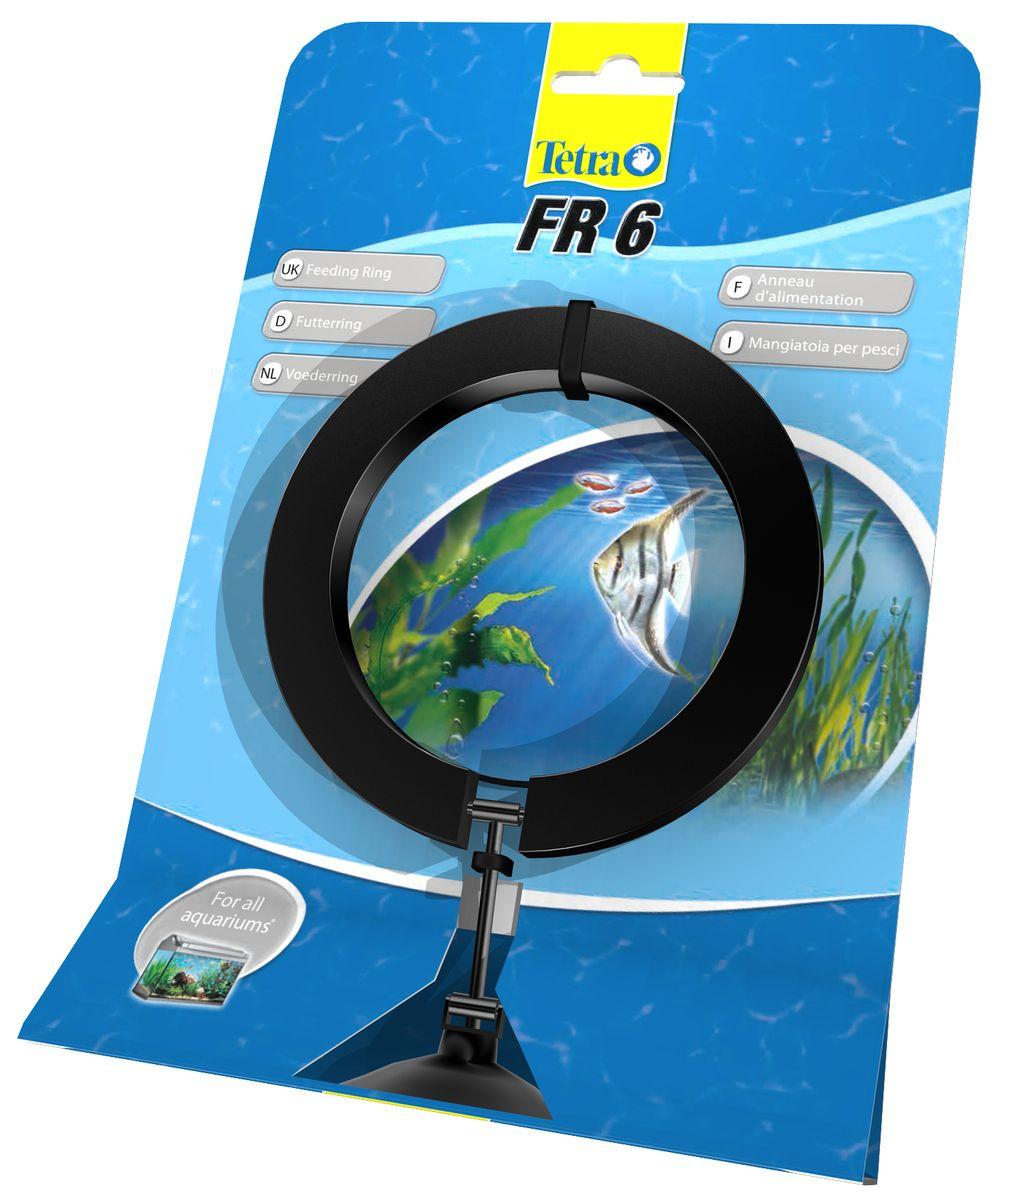 Кормушка-кольцо Tetra FR 6, 6 см239272Кормушка-кольцо Tetra предназначена для кормления плавающим сухим кормом. Борта кормушки предотвращают расплывание корма по поверхности воды в аквариуме. Применение кормушки прививает аквариумных рыбок к кормлению в одном месте. Присоски дают возможность закреплять кормушку на стенке аквариума в любом подходящем для вас месте. Кроме того - кормушка не дает корму перемещаться по поверхности аквариума и способствует полному его поеданию аквариумными рыбками. Это предохранит ваш аквариум от гниения несъеденного корма, что может послужить причиной для появления водорослей и возникновения заболеваний у аквариумных рыб. Диаметр кольца: 6 см.